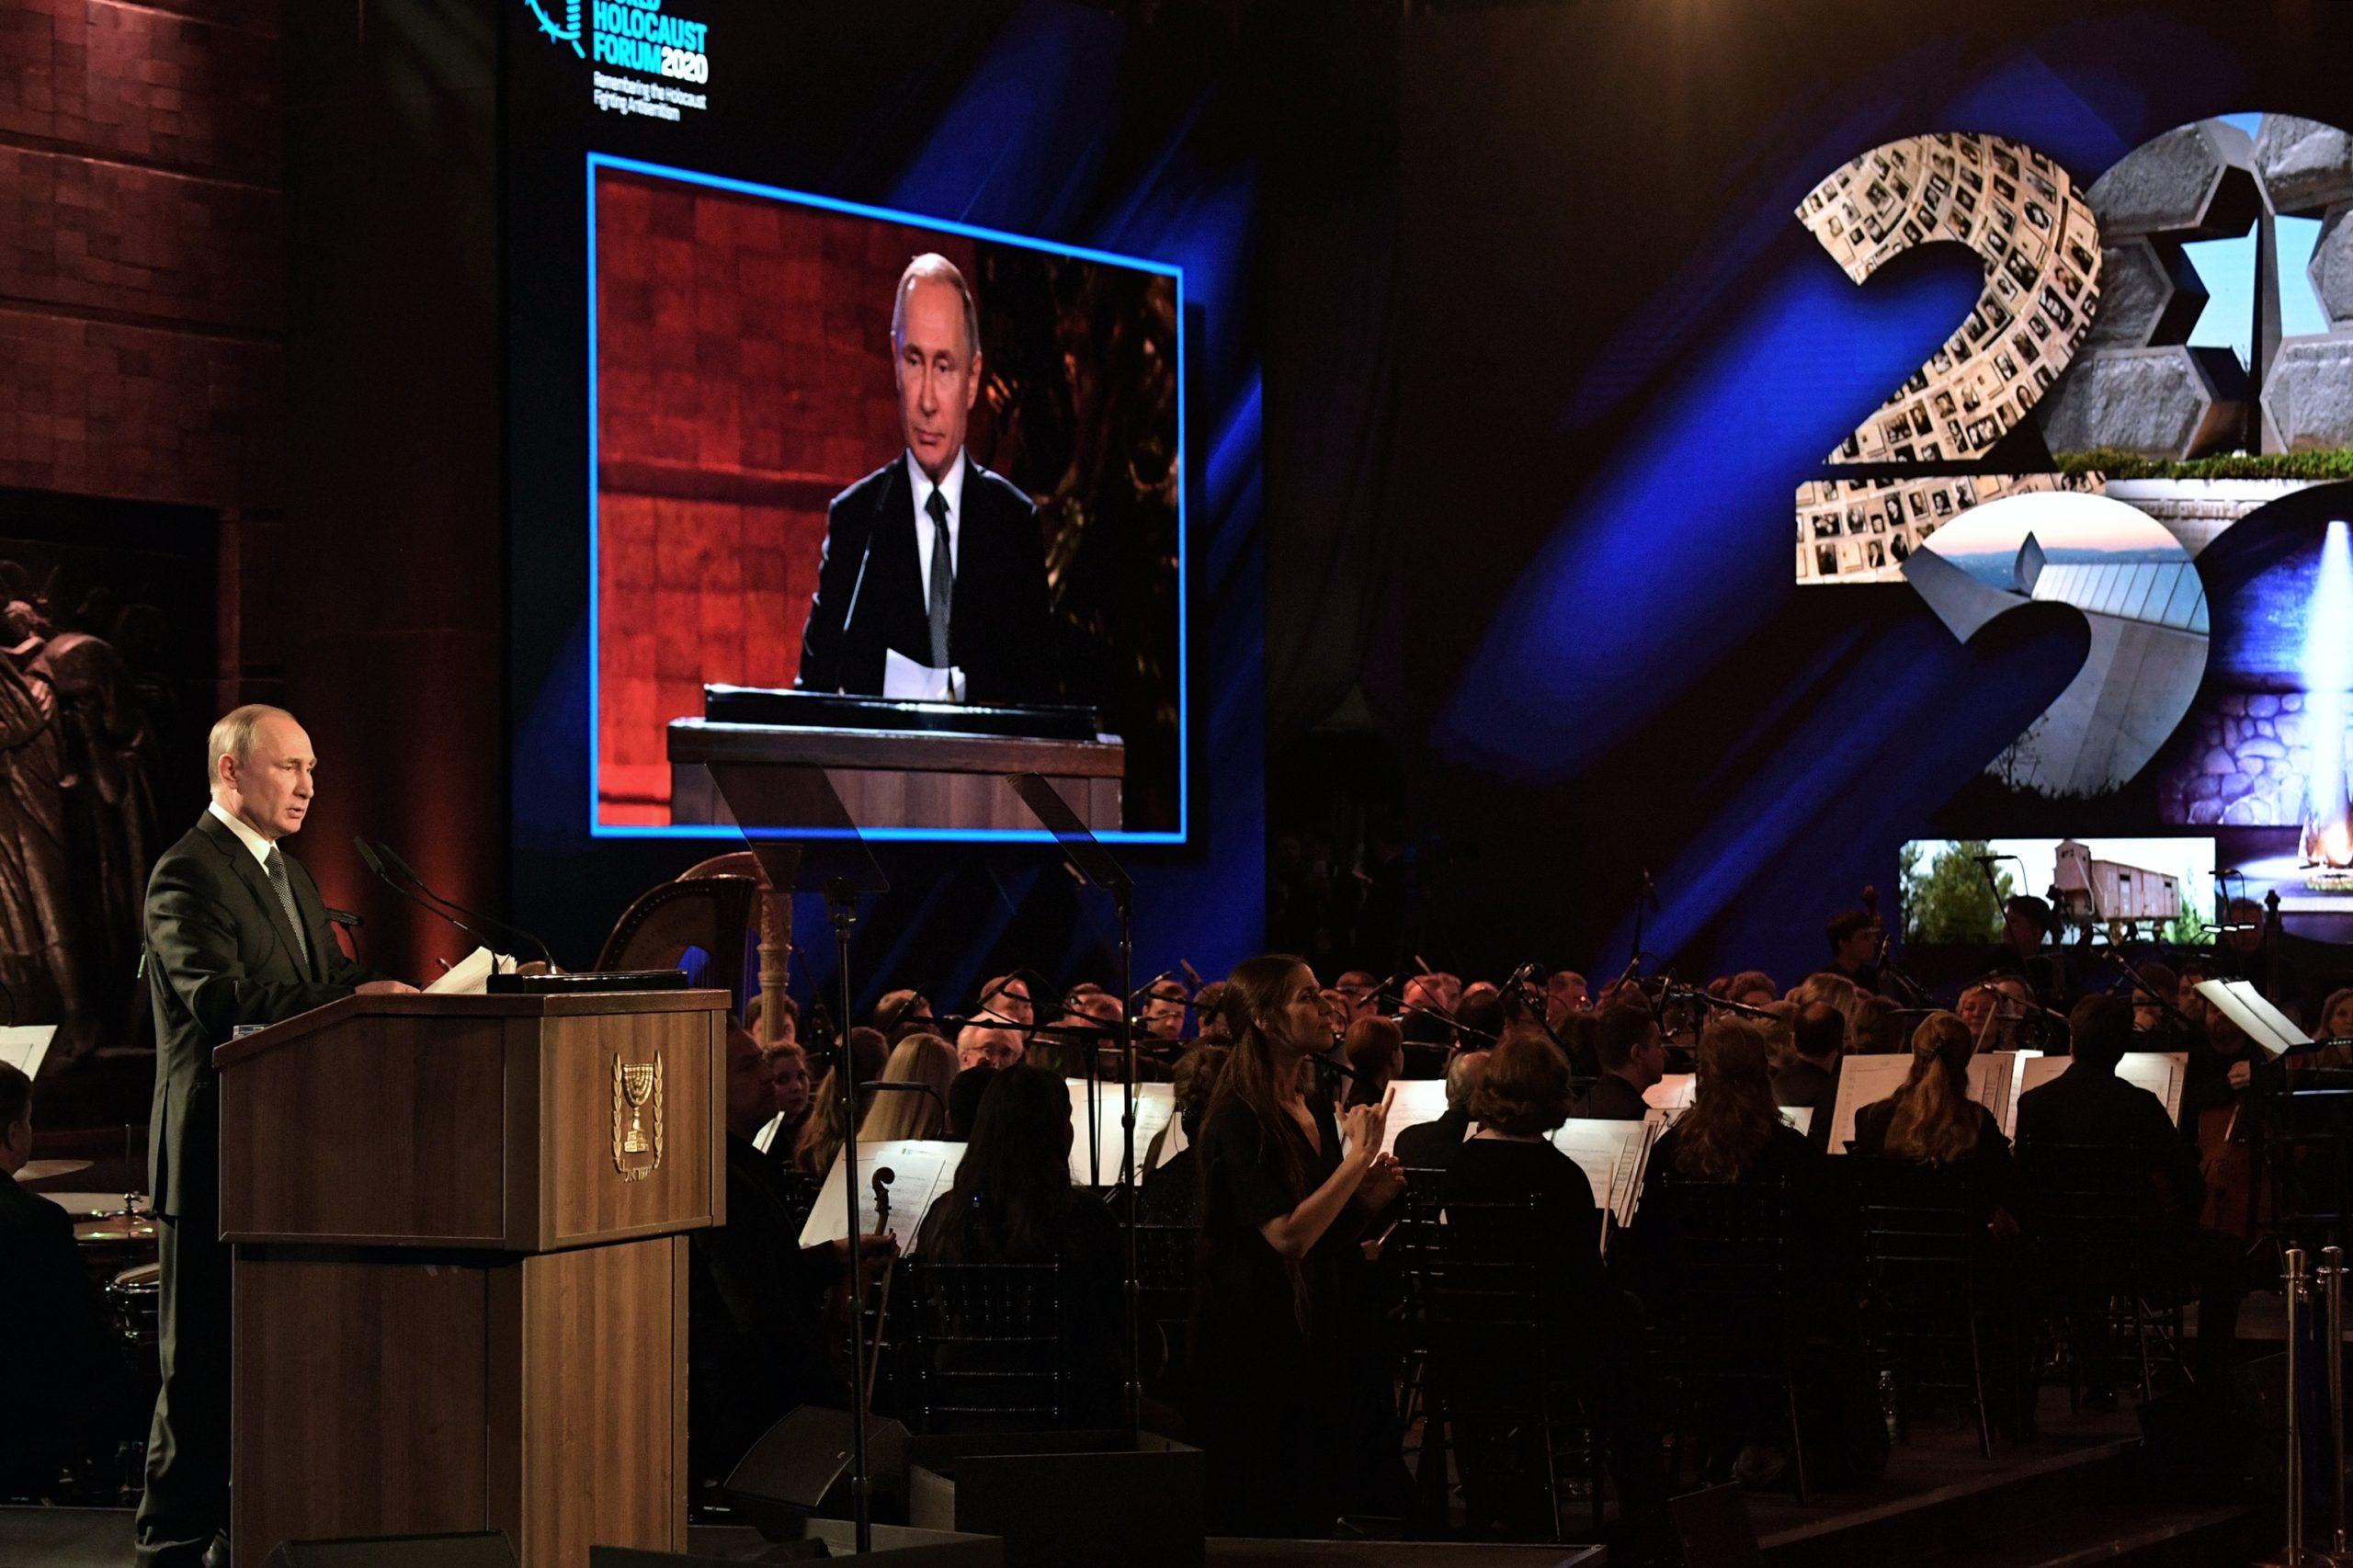 Putin: Zajednička nam je dužnost otkrivanje istine o najkrvavijem ratu - Vesti online